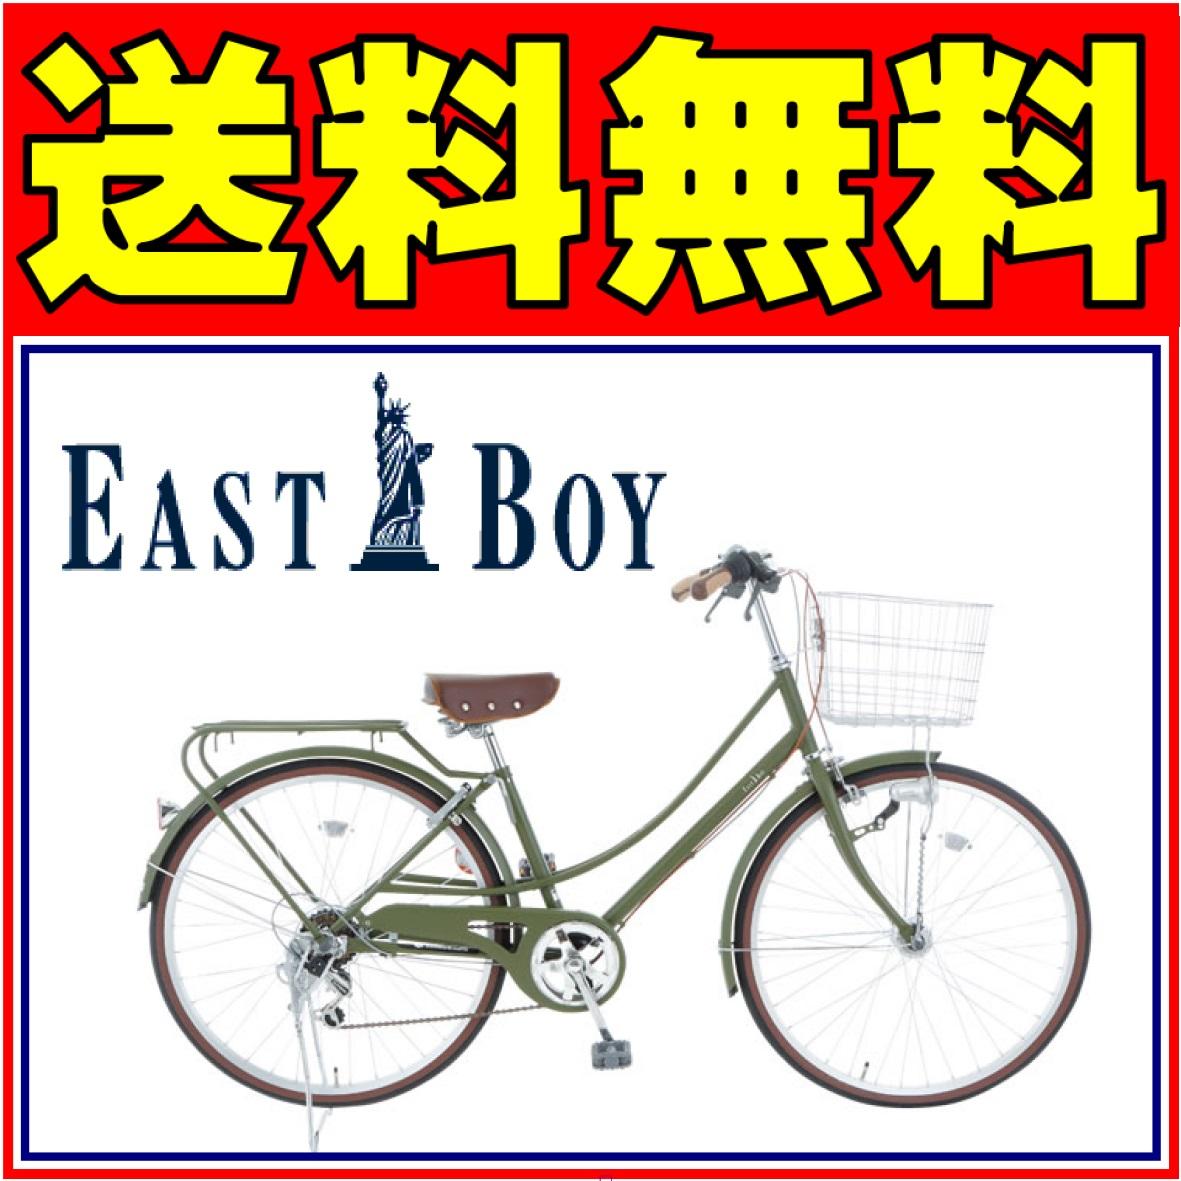 EASTBOY イーストボーイ 自転車 シティサイクル マットオリーブ 女子中学生の通学に最適な自転車 カジュアルファミリー ママチャリ 6段ギア シティ車 26インチ LEDオートライト 子供乗せ対応 イーストボーイ女子 自転車